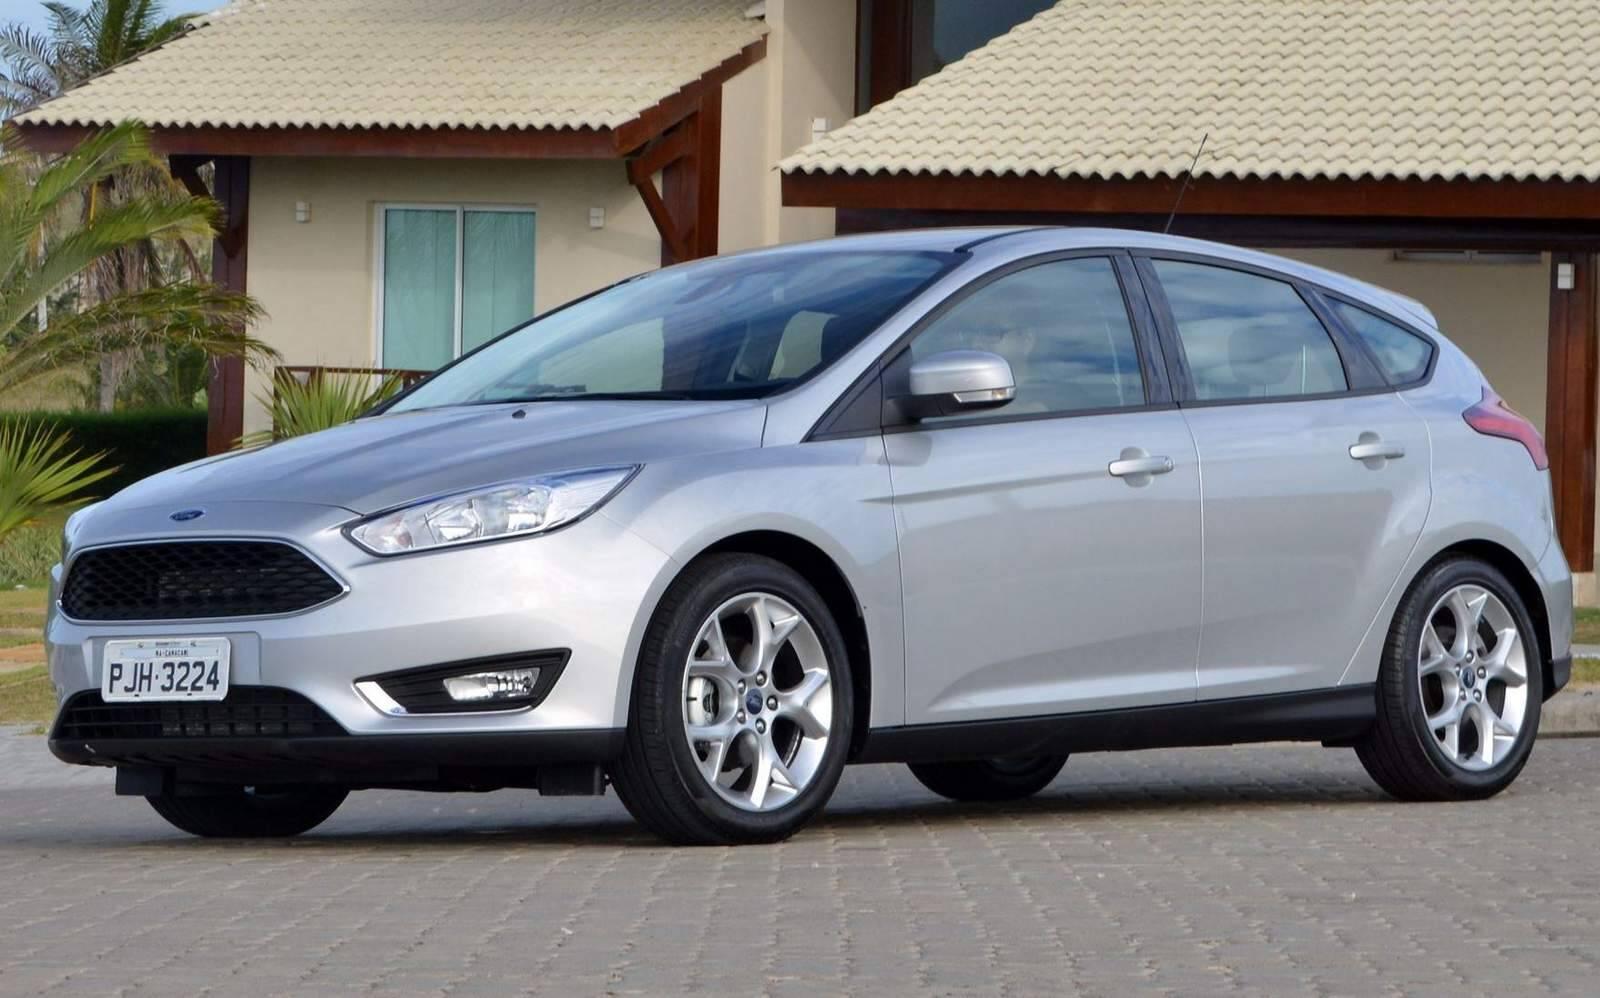 Ford Focus SE. Foto: Divulgação